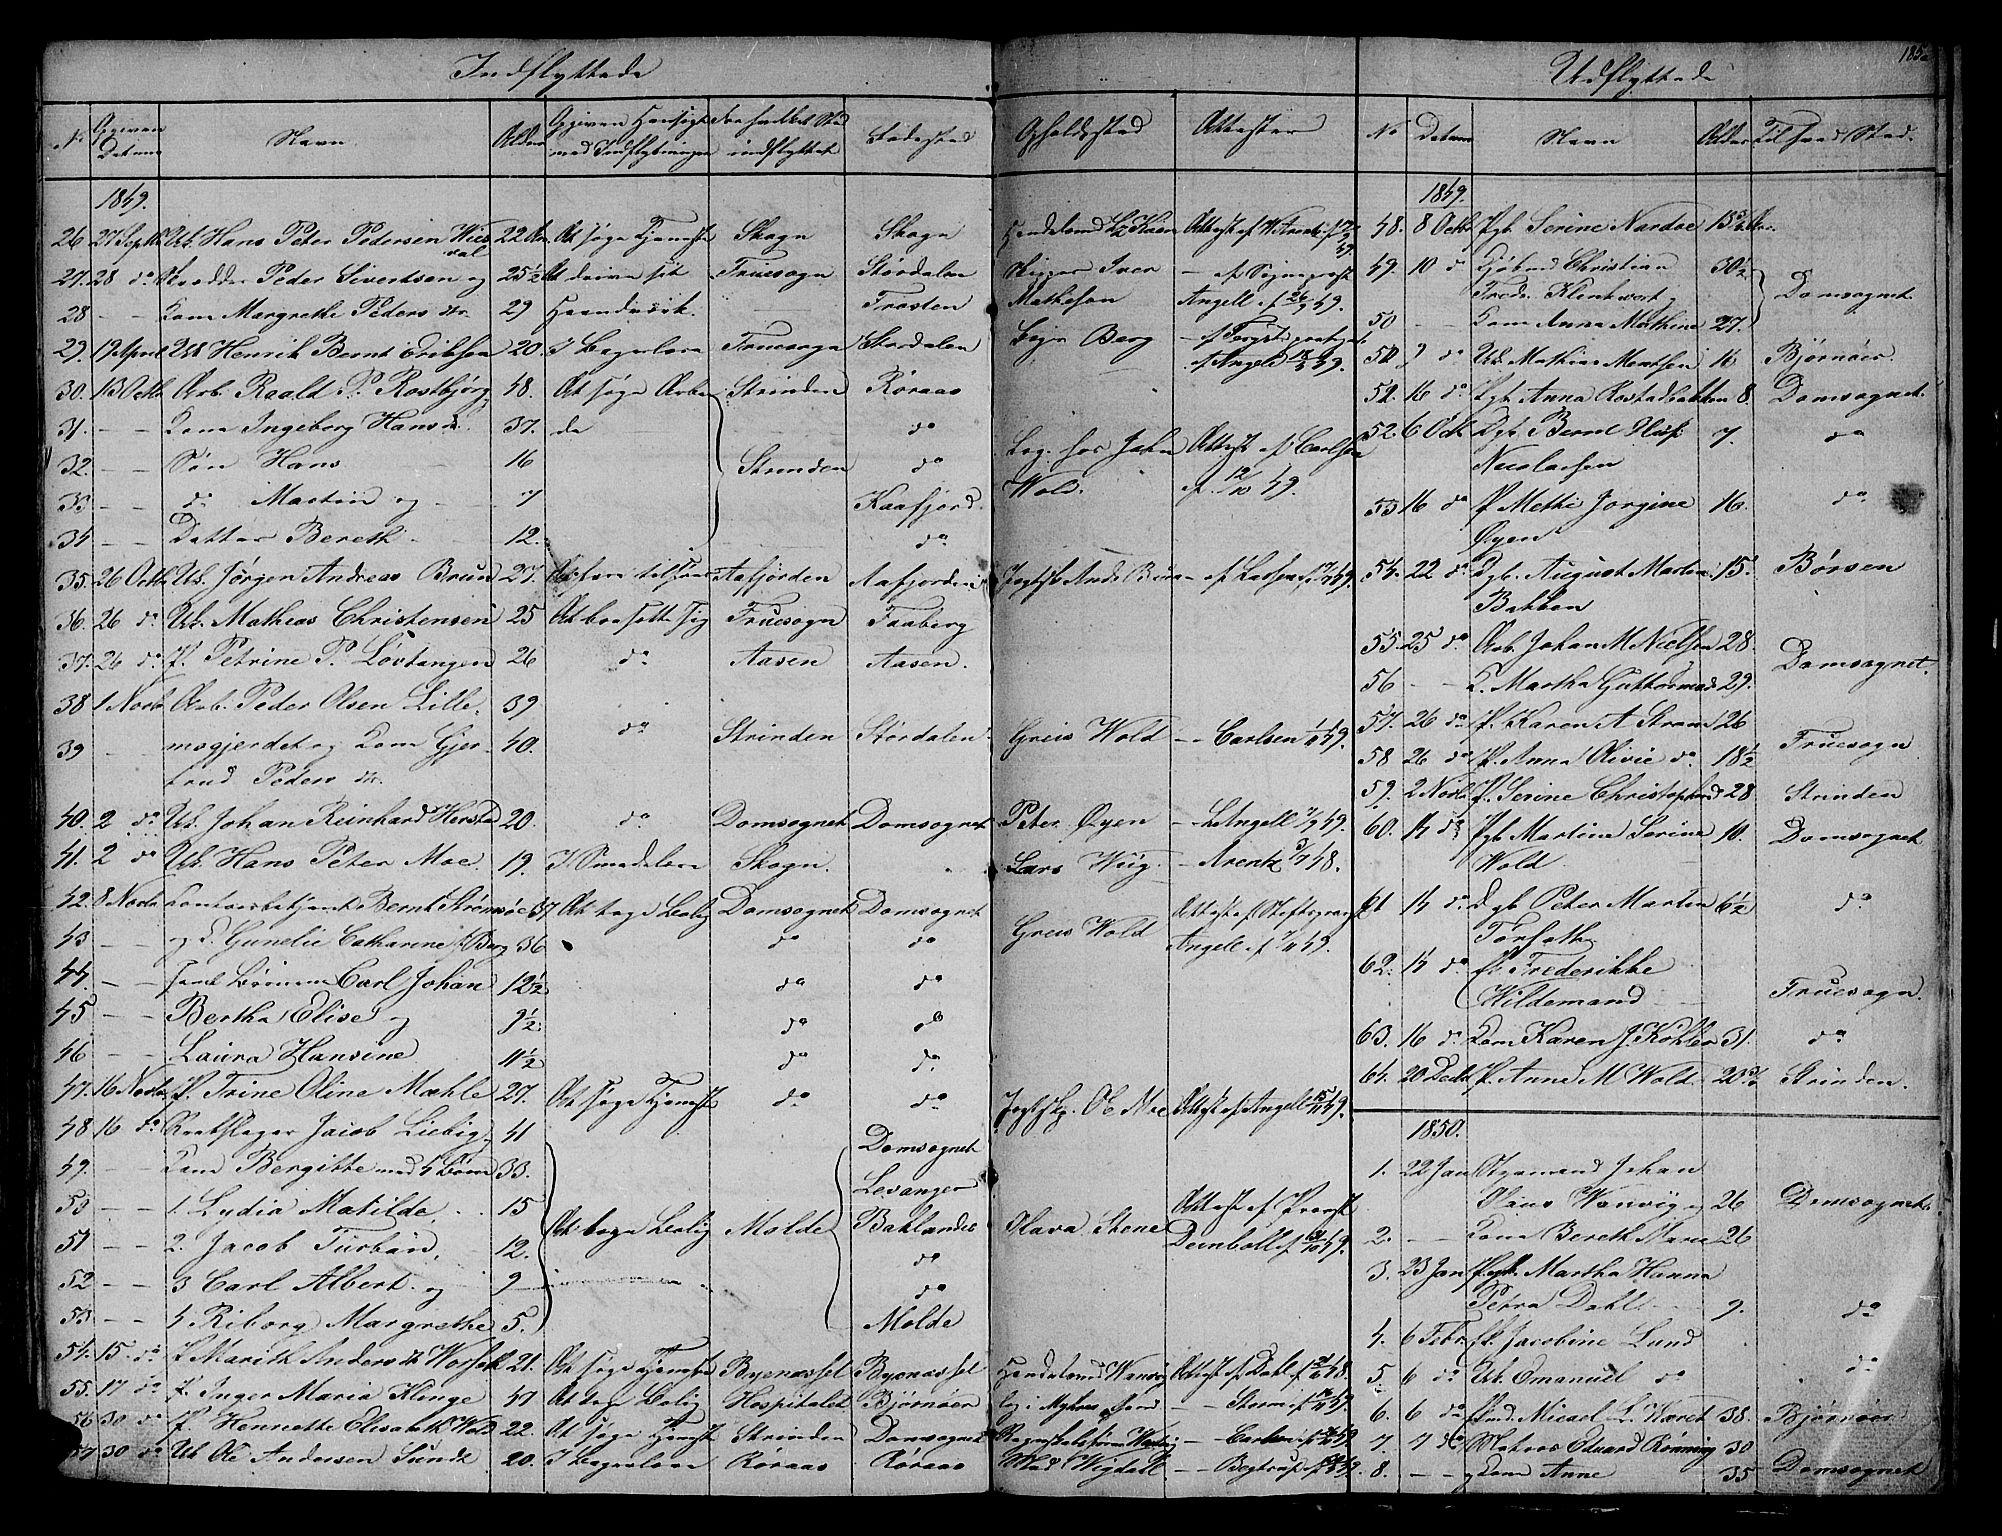 SAT, Ministerialprotokoller, klokkerbøker og fødselsregistre - Sør-Trøndelag, 604/L0182: Ministerialbok nr. 604A03, 1818-1850, s. 185a